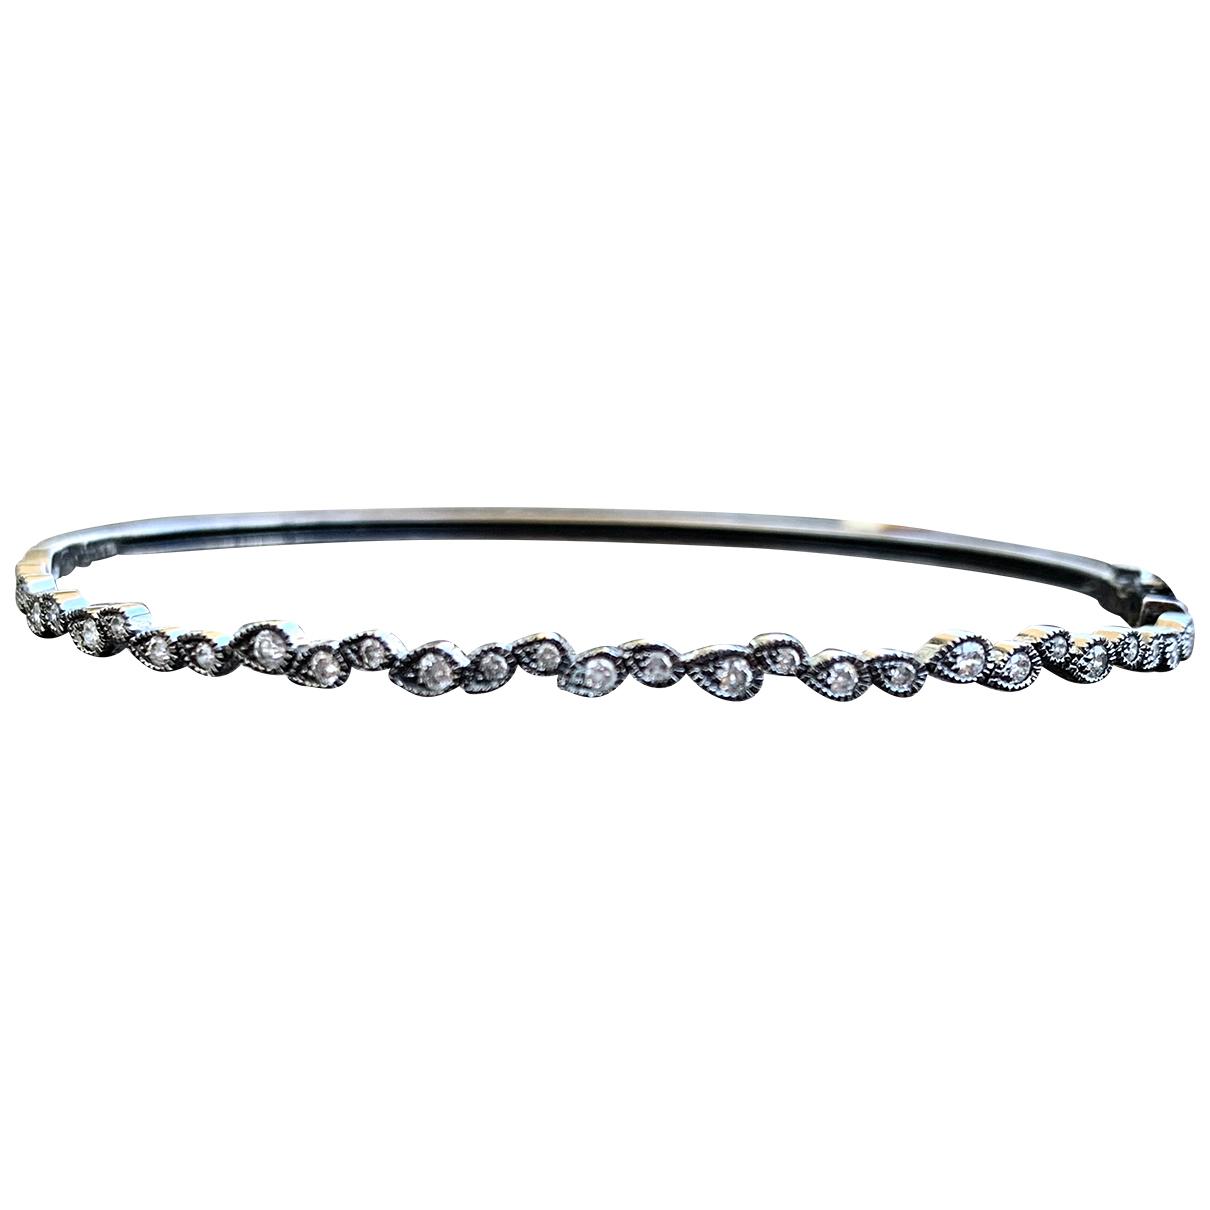 Stone Paris \N Black White gold bracelet for Women \N